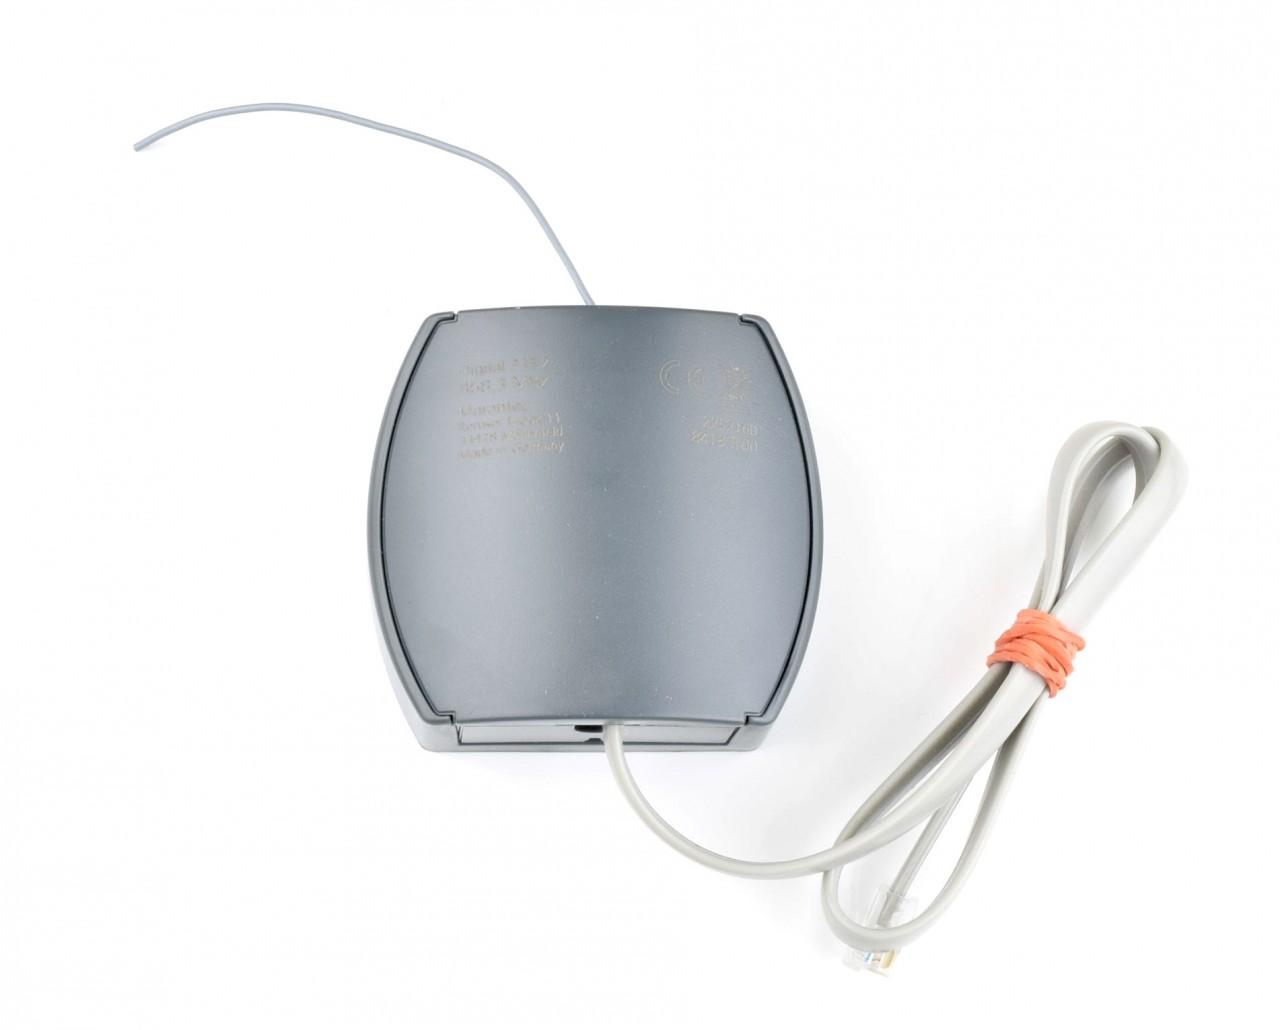 Marantec Digital 343 Universal Empfänger 2-Kanal 868 MHz